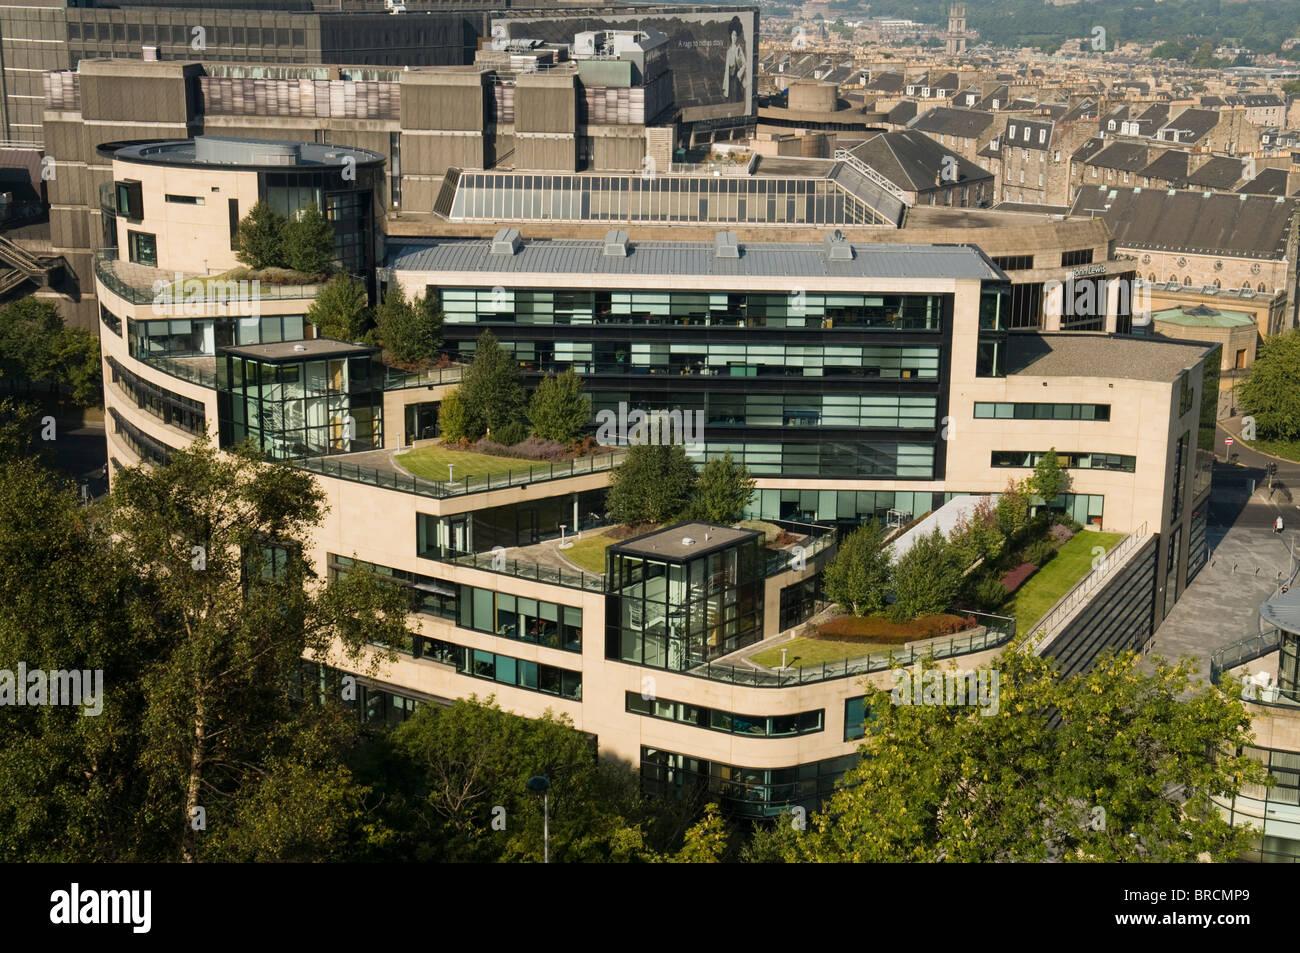 Roof Top Garden rooftop garden uk stock photos & rooftop garden uk stock images